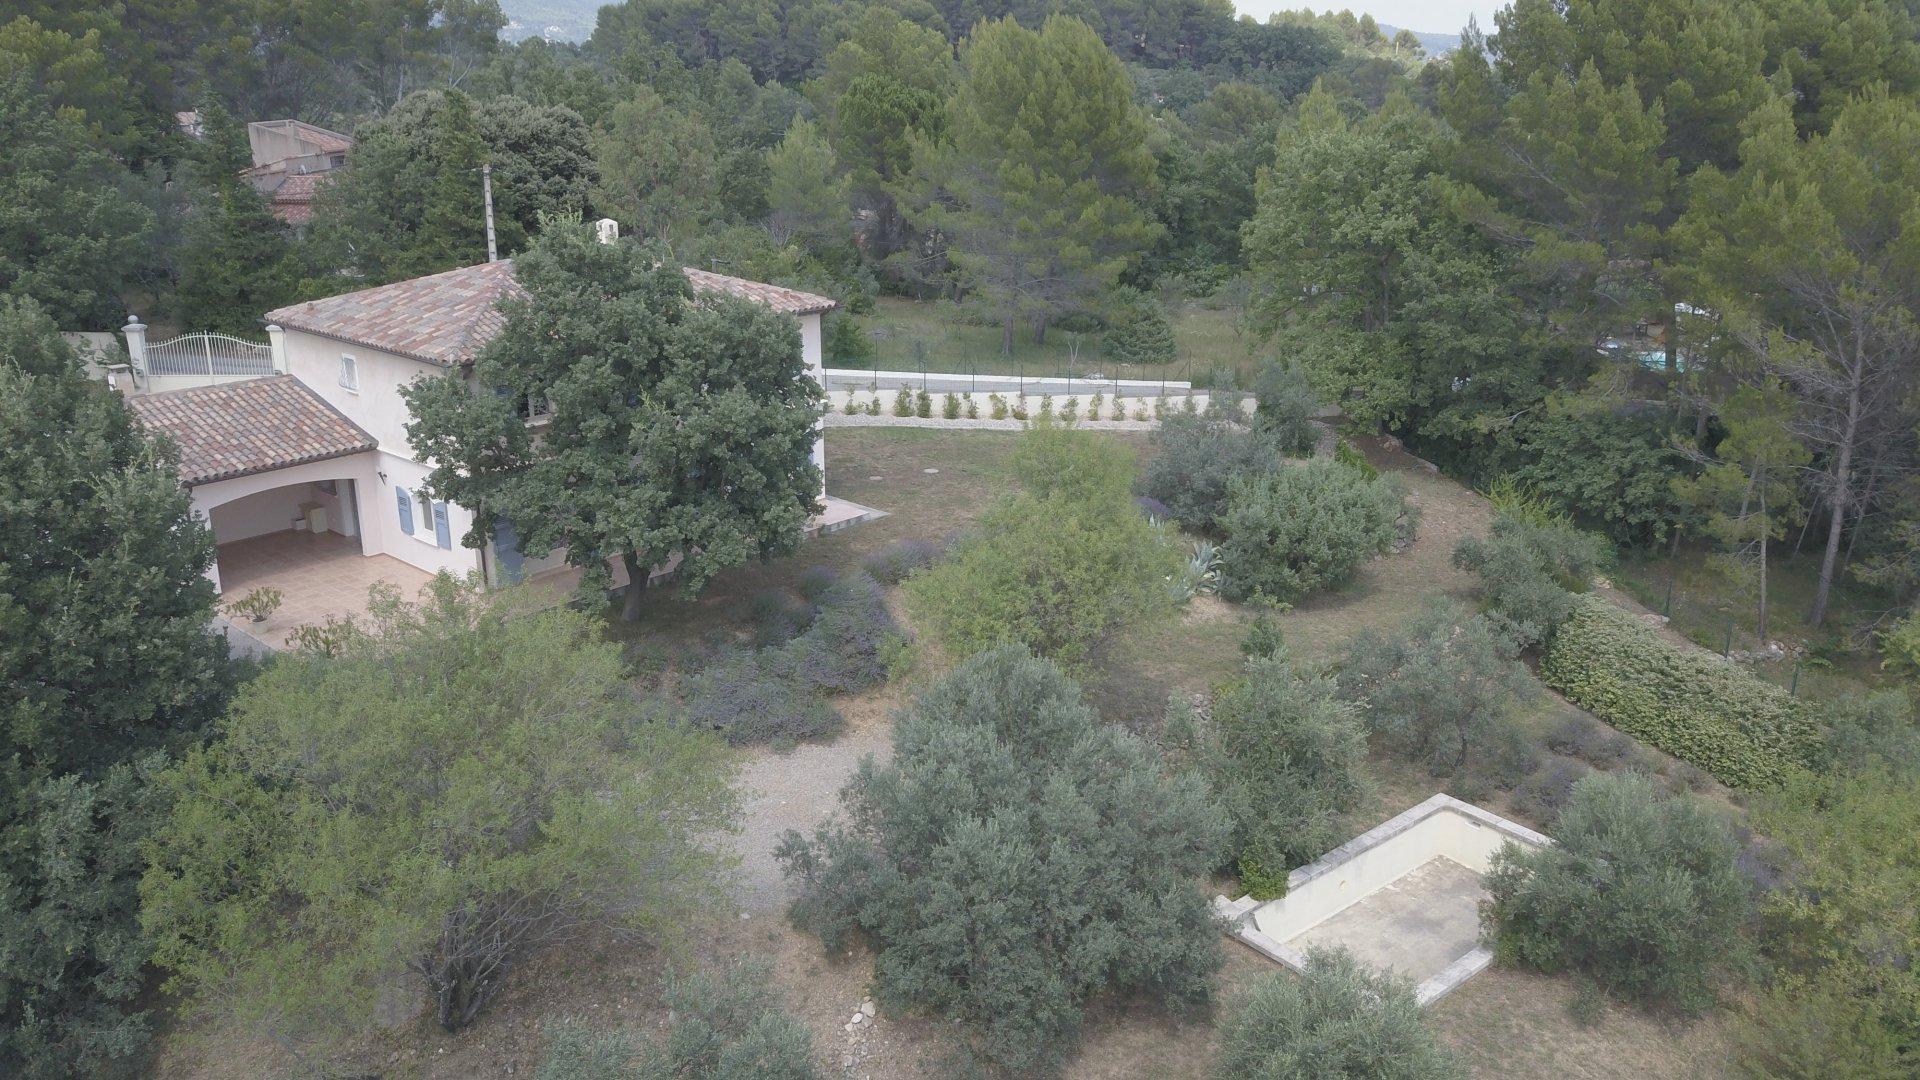 à 45 min de Cannes, villa récente 4 chambres, piscine